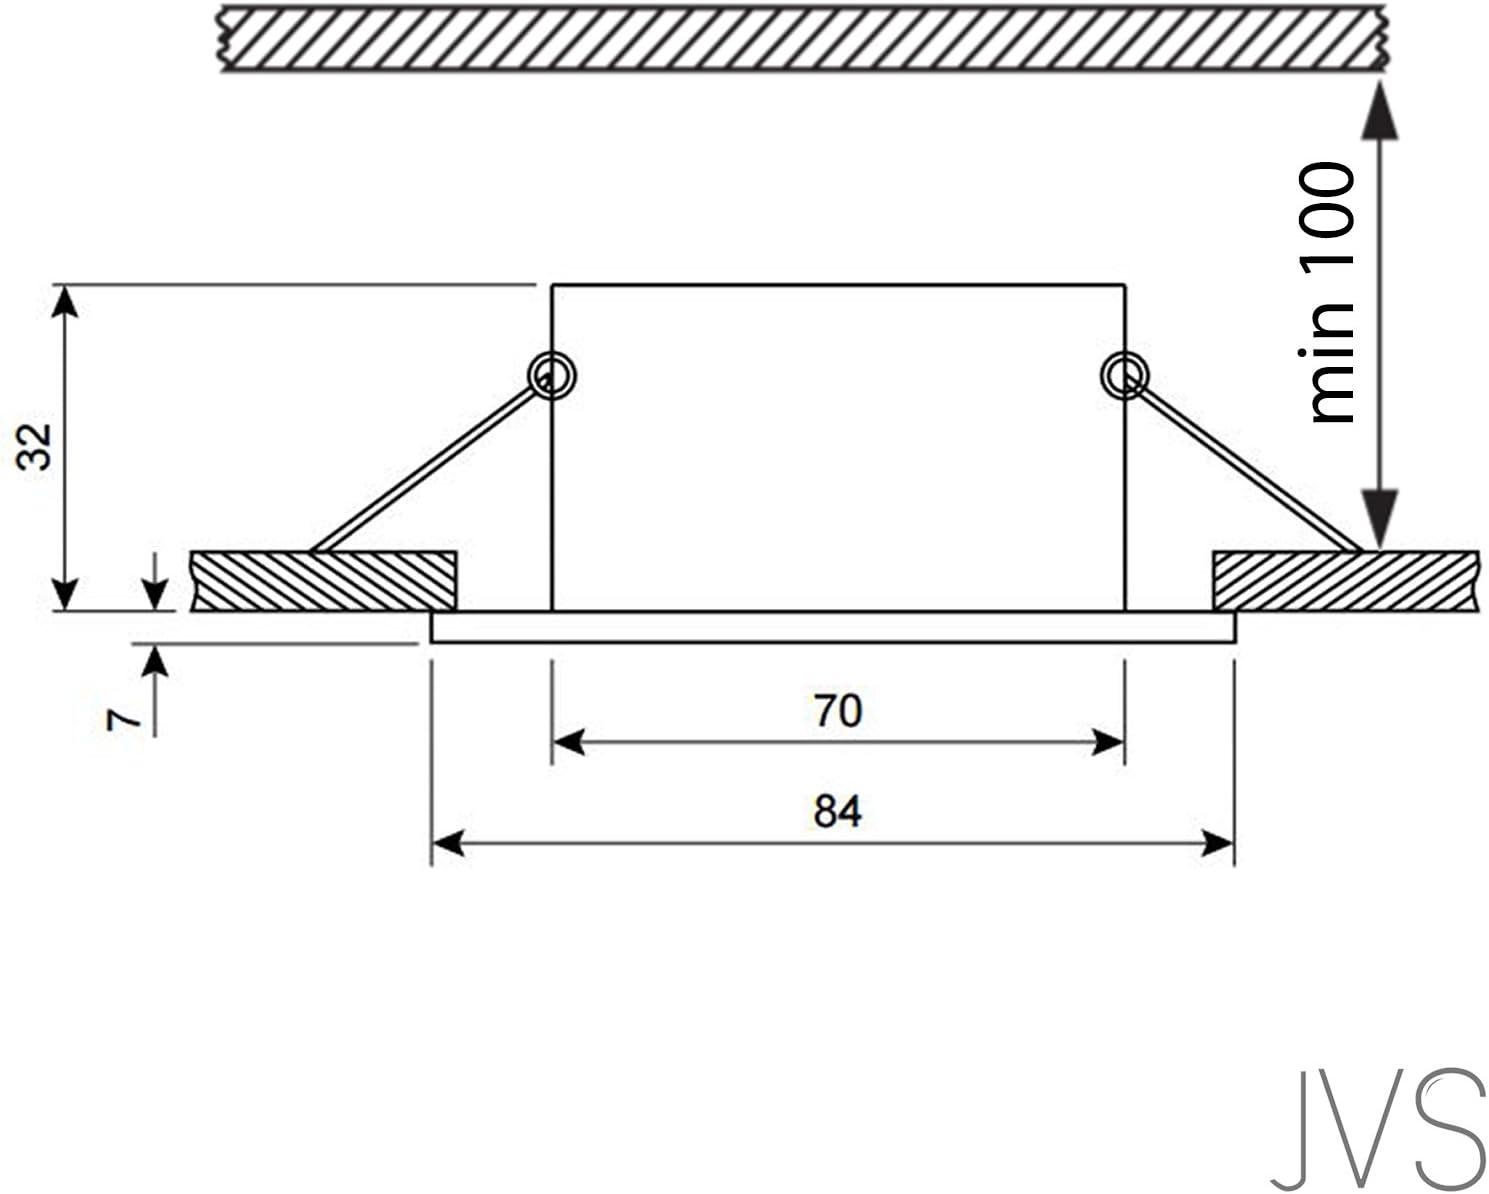 LED Einbaustrahler VENEDIG (Chrom) Quadratisch Inkl. 8 X 4W LED Kaltweiss 230V IP44 LED Deckenstrahler Einbauleuchte Deckeneinbaustrahler Einbauspot Spot Einbaustrahler Deckeneinbauleuchte Deckenspot 5er Set